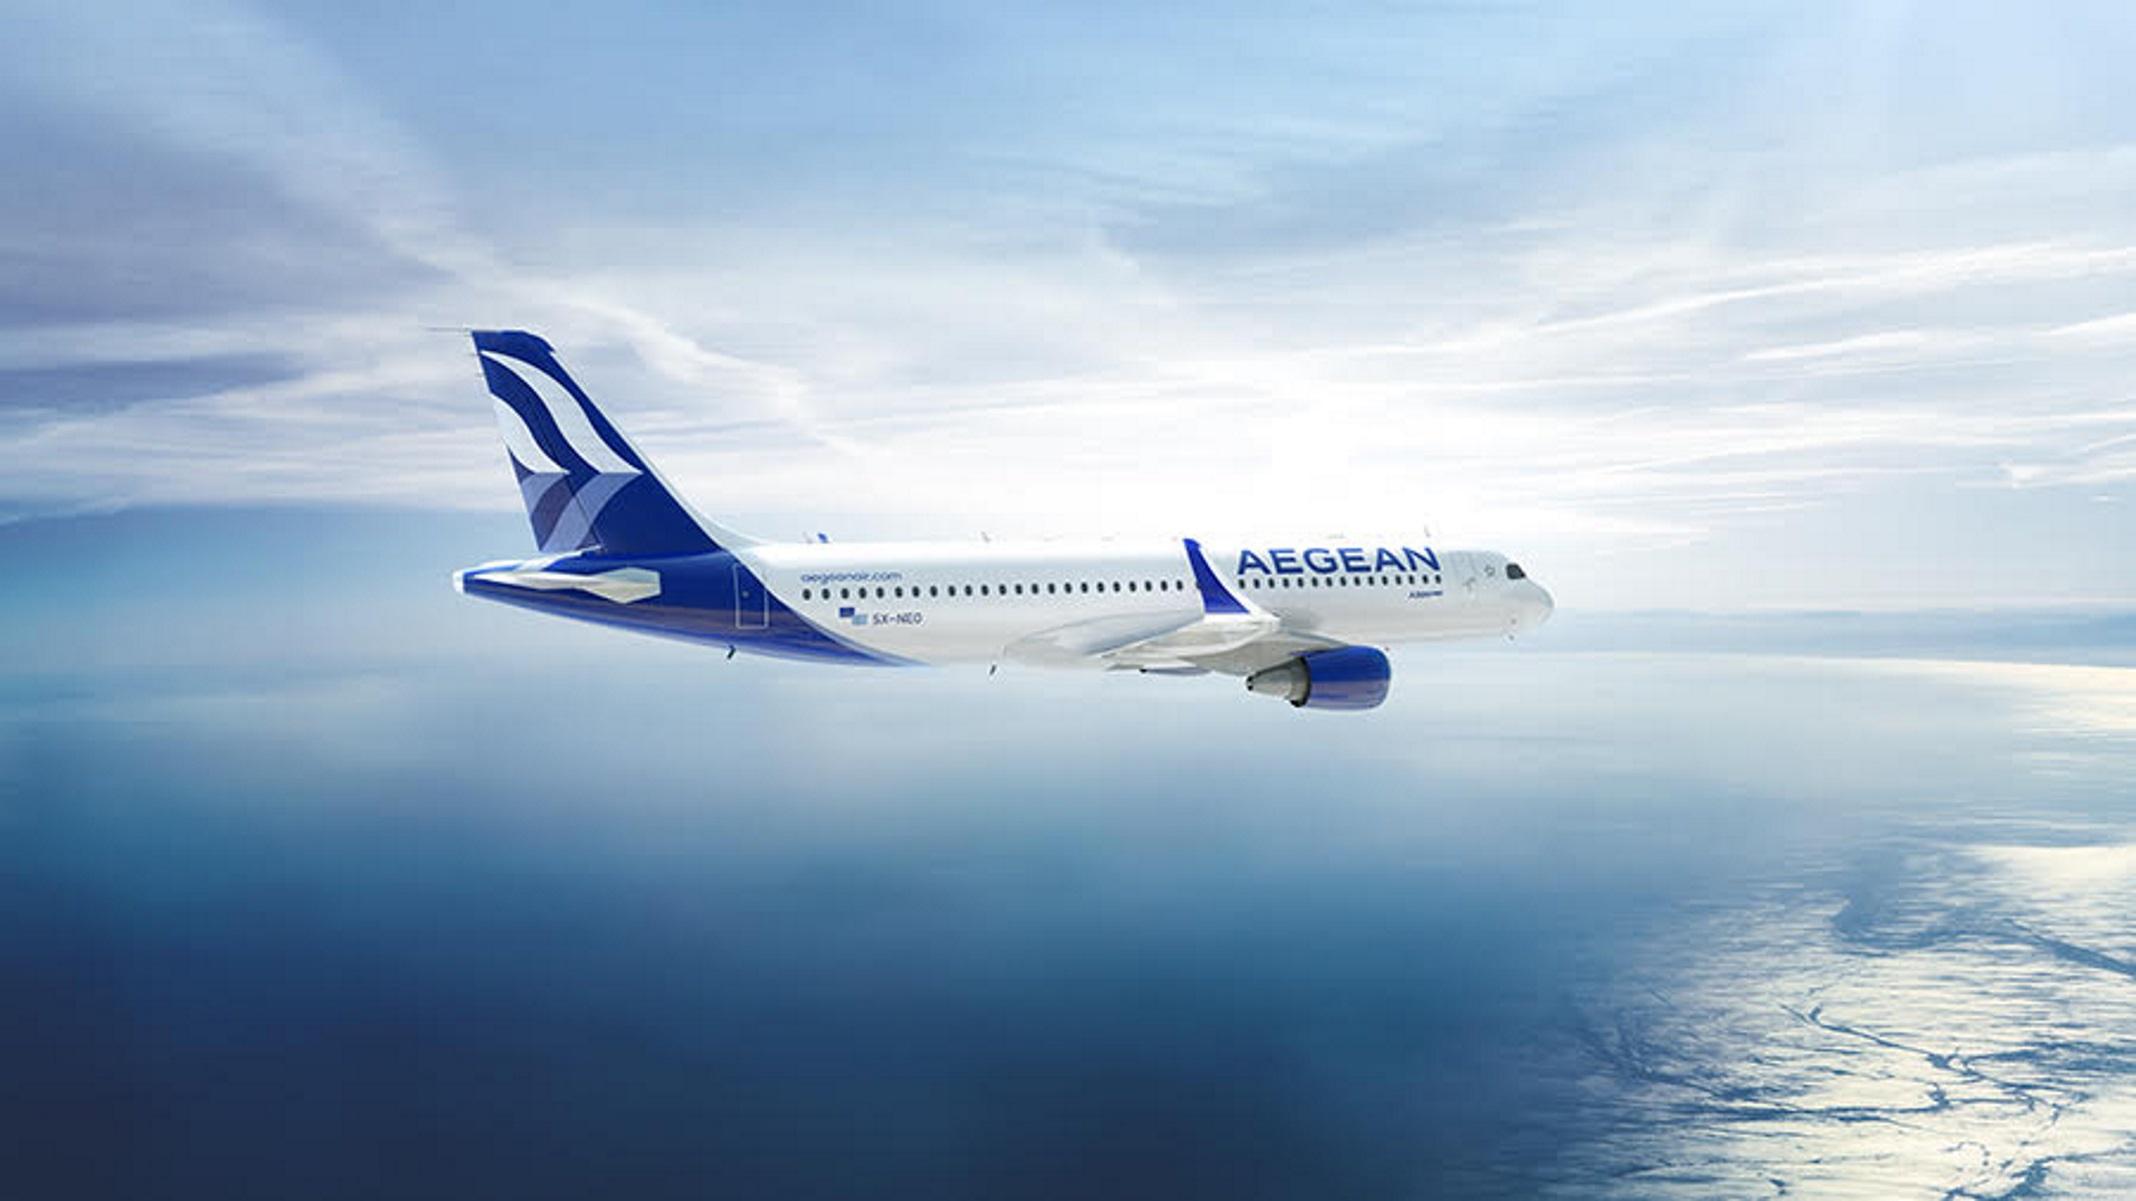 Aegean: Πάνω από 2,3 εκατ. επιβάτες πέταξαν με τα «φτερά» της Ιούλιο και Αύγουστο